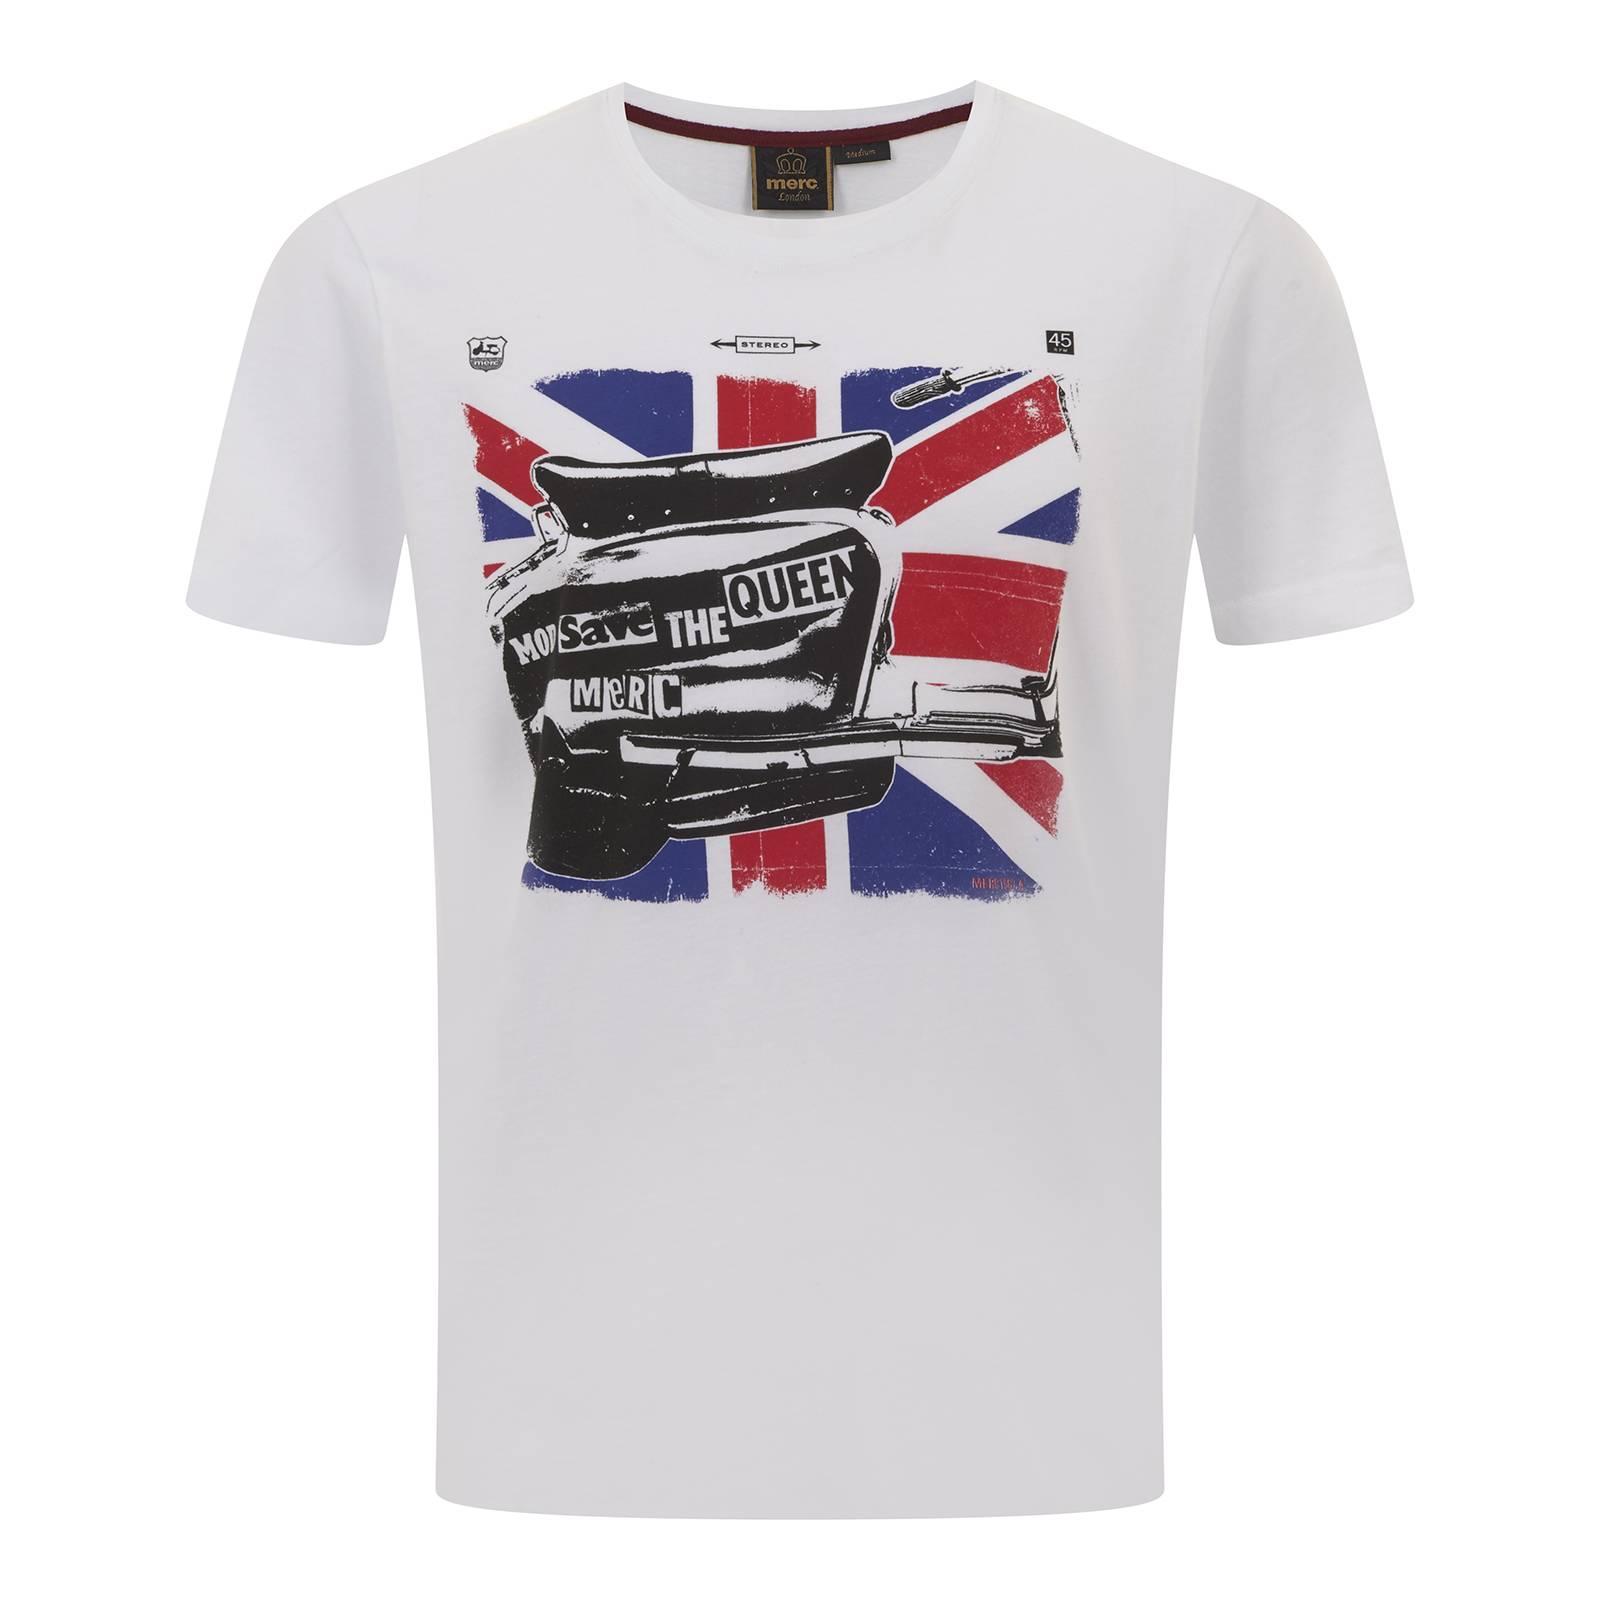 Футболка WennerФутболки<br>Классического покроя (Regular Fit) мужская футболка с коротким рукавом и круглым воротом, пошитая из высококачественной, легкой и мягкой хлопковой ткани Джерси. Украшена эффектным клипарт рисунком скутера на фоне Юнион Джека, выполненным по мотивам сингла легендарной английской панк-рок группы Sex Pistols «God Save the Queen». Дополнительный декоративный элемент – контрастная однополосная прострочка боковых швов от подмышек, красиво гармонирующая с красным цветом британского флага.<br><br>Артикул: 1716102<br>Материал: 100% хлопок<br>Цвет: белый<br>Пол: Мужской